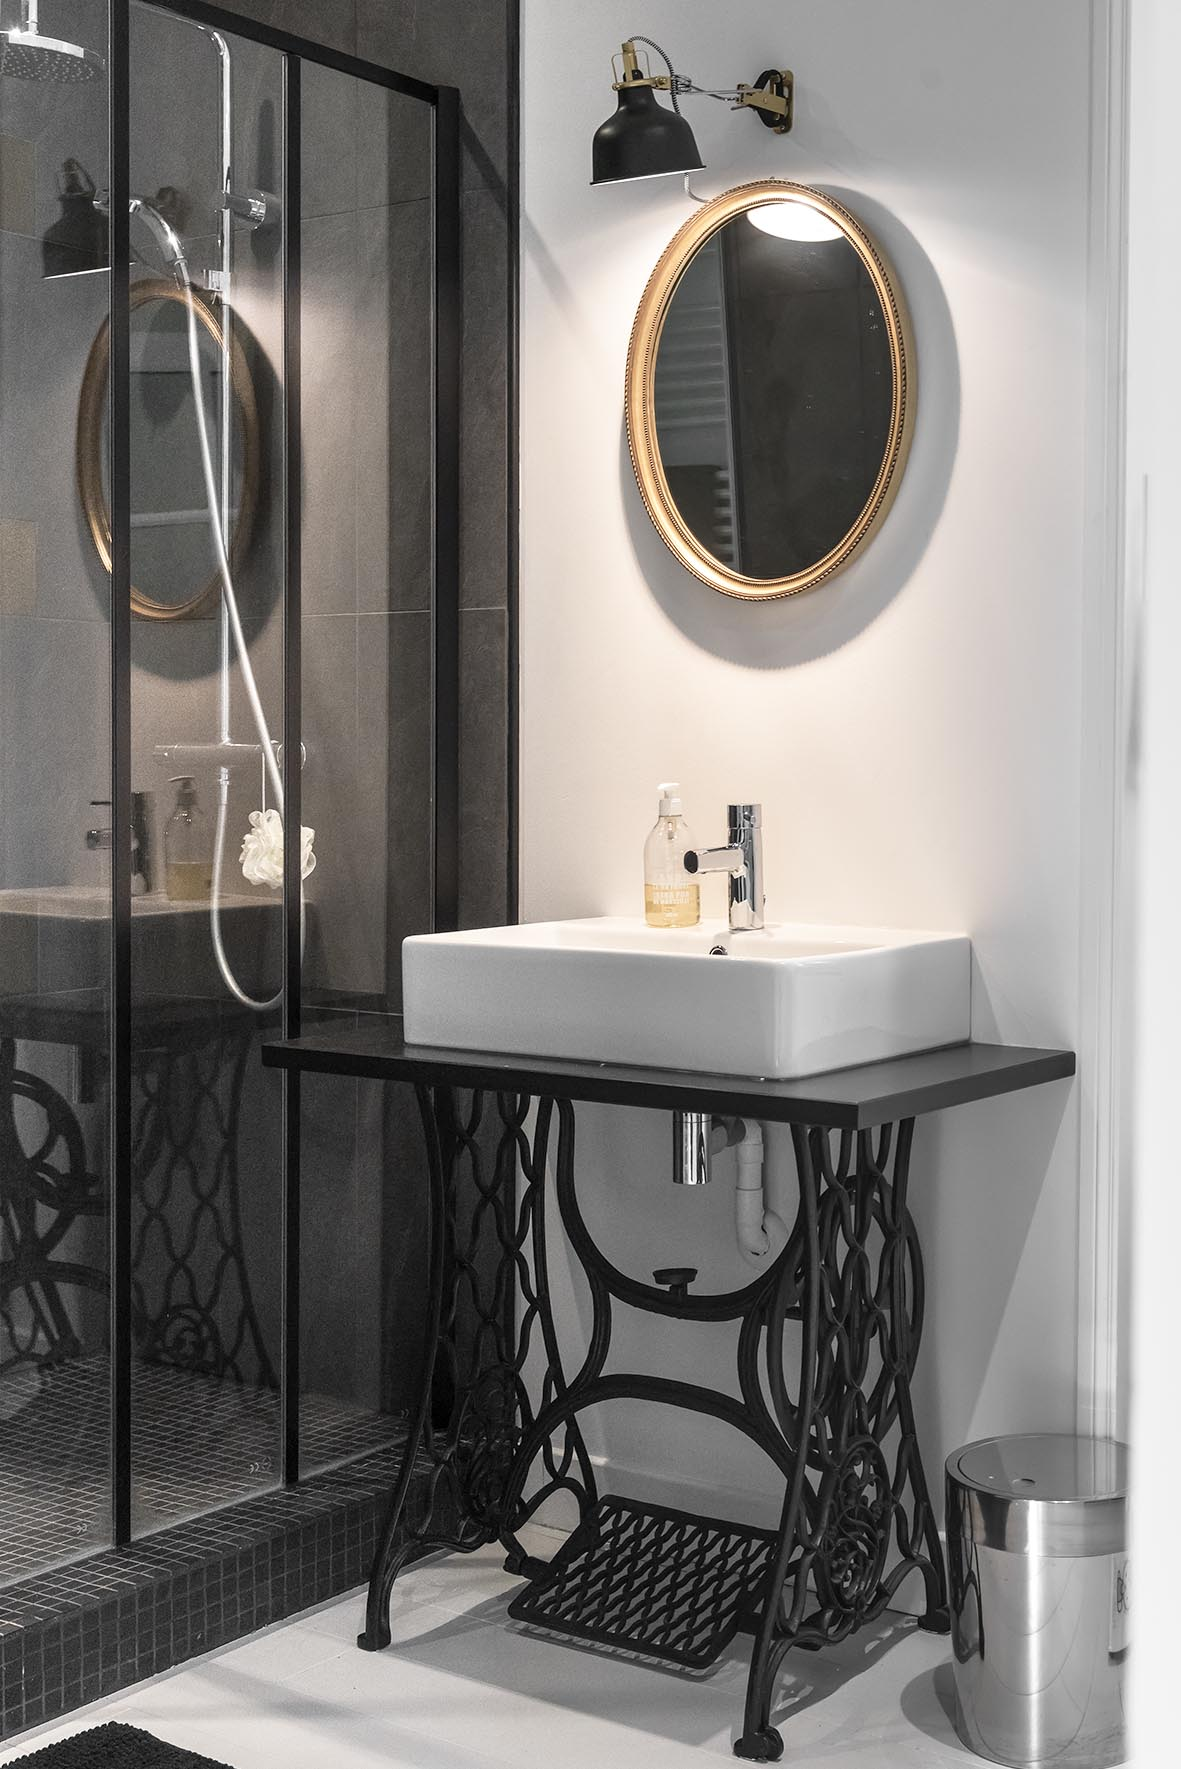 Stoere badkamer met zwart, wit en goud